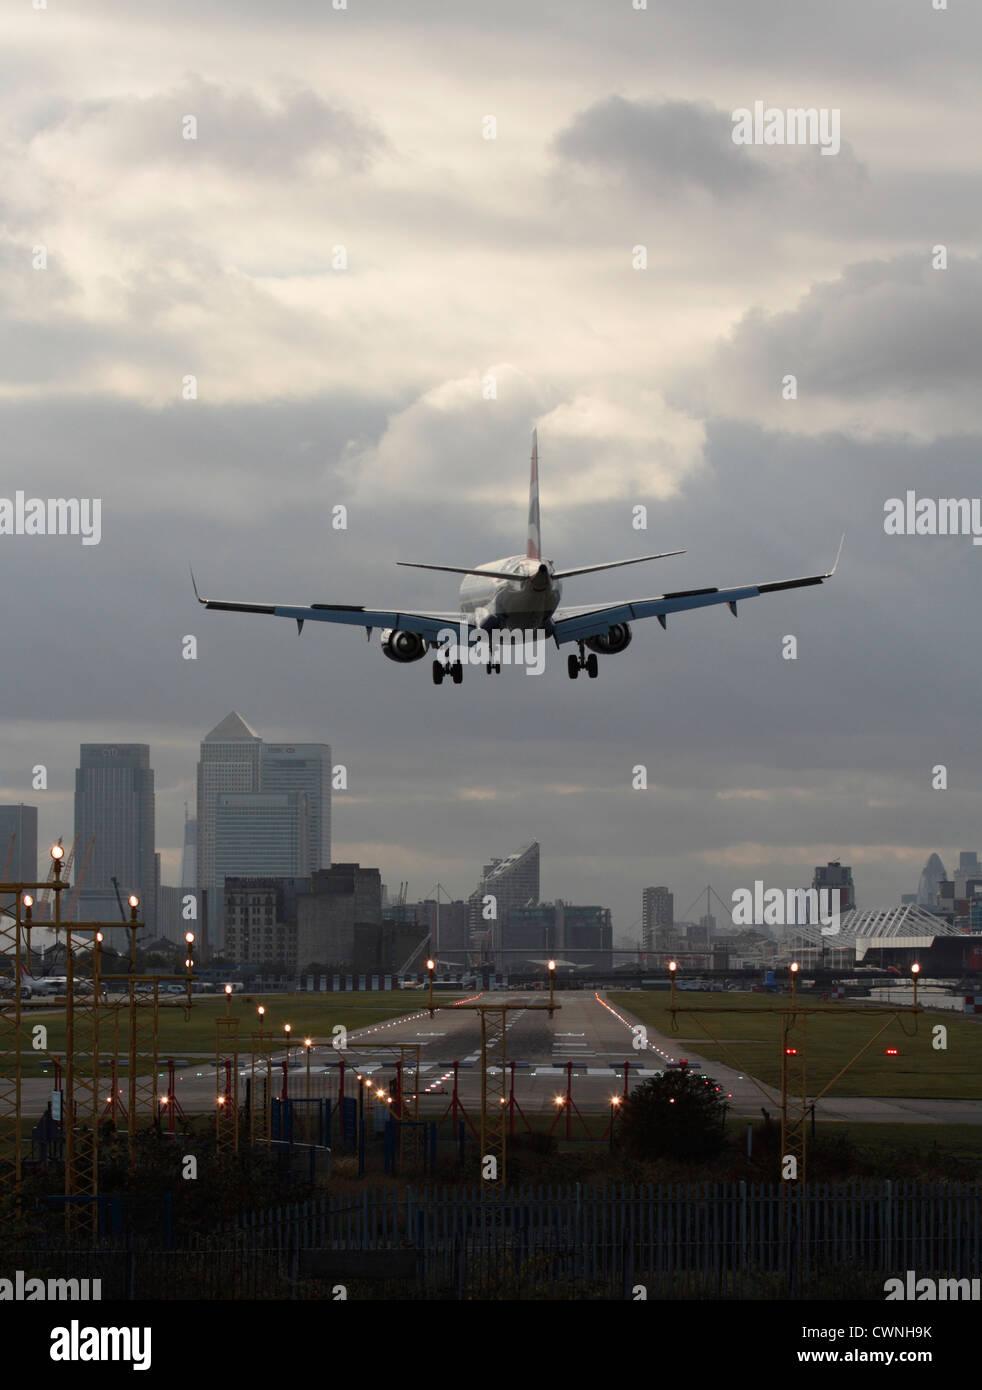 Flugzeug Landung In London City Airport Mit Der Start Und